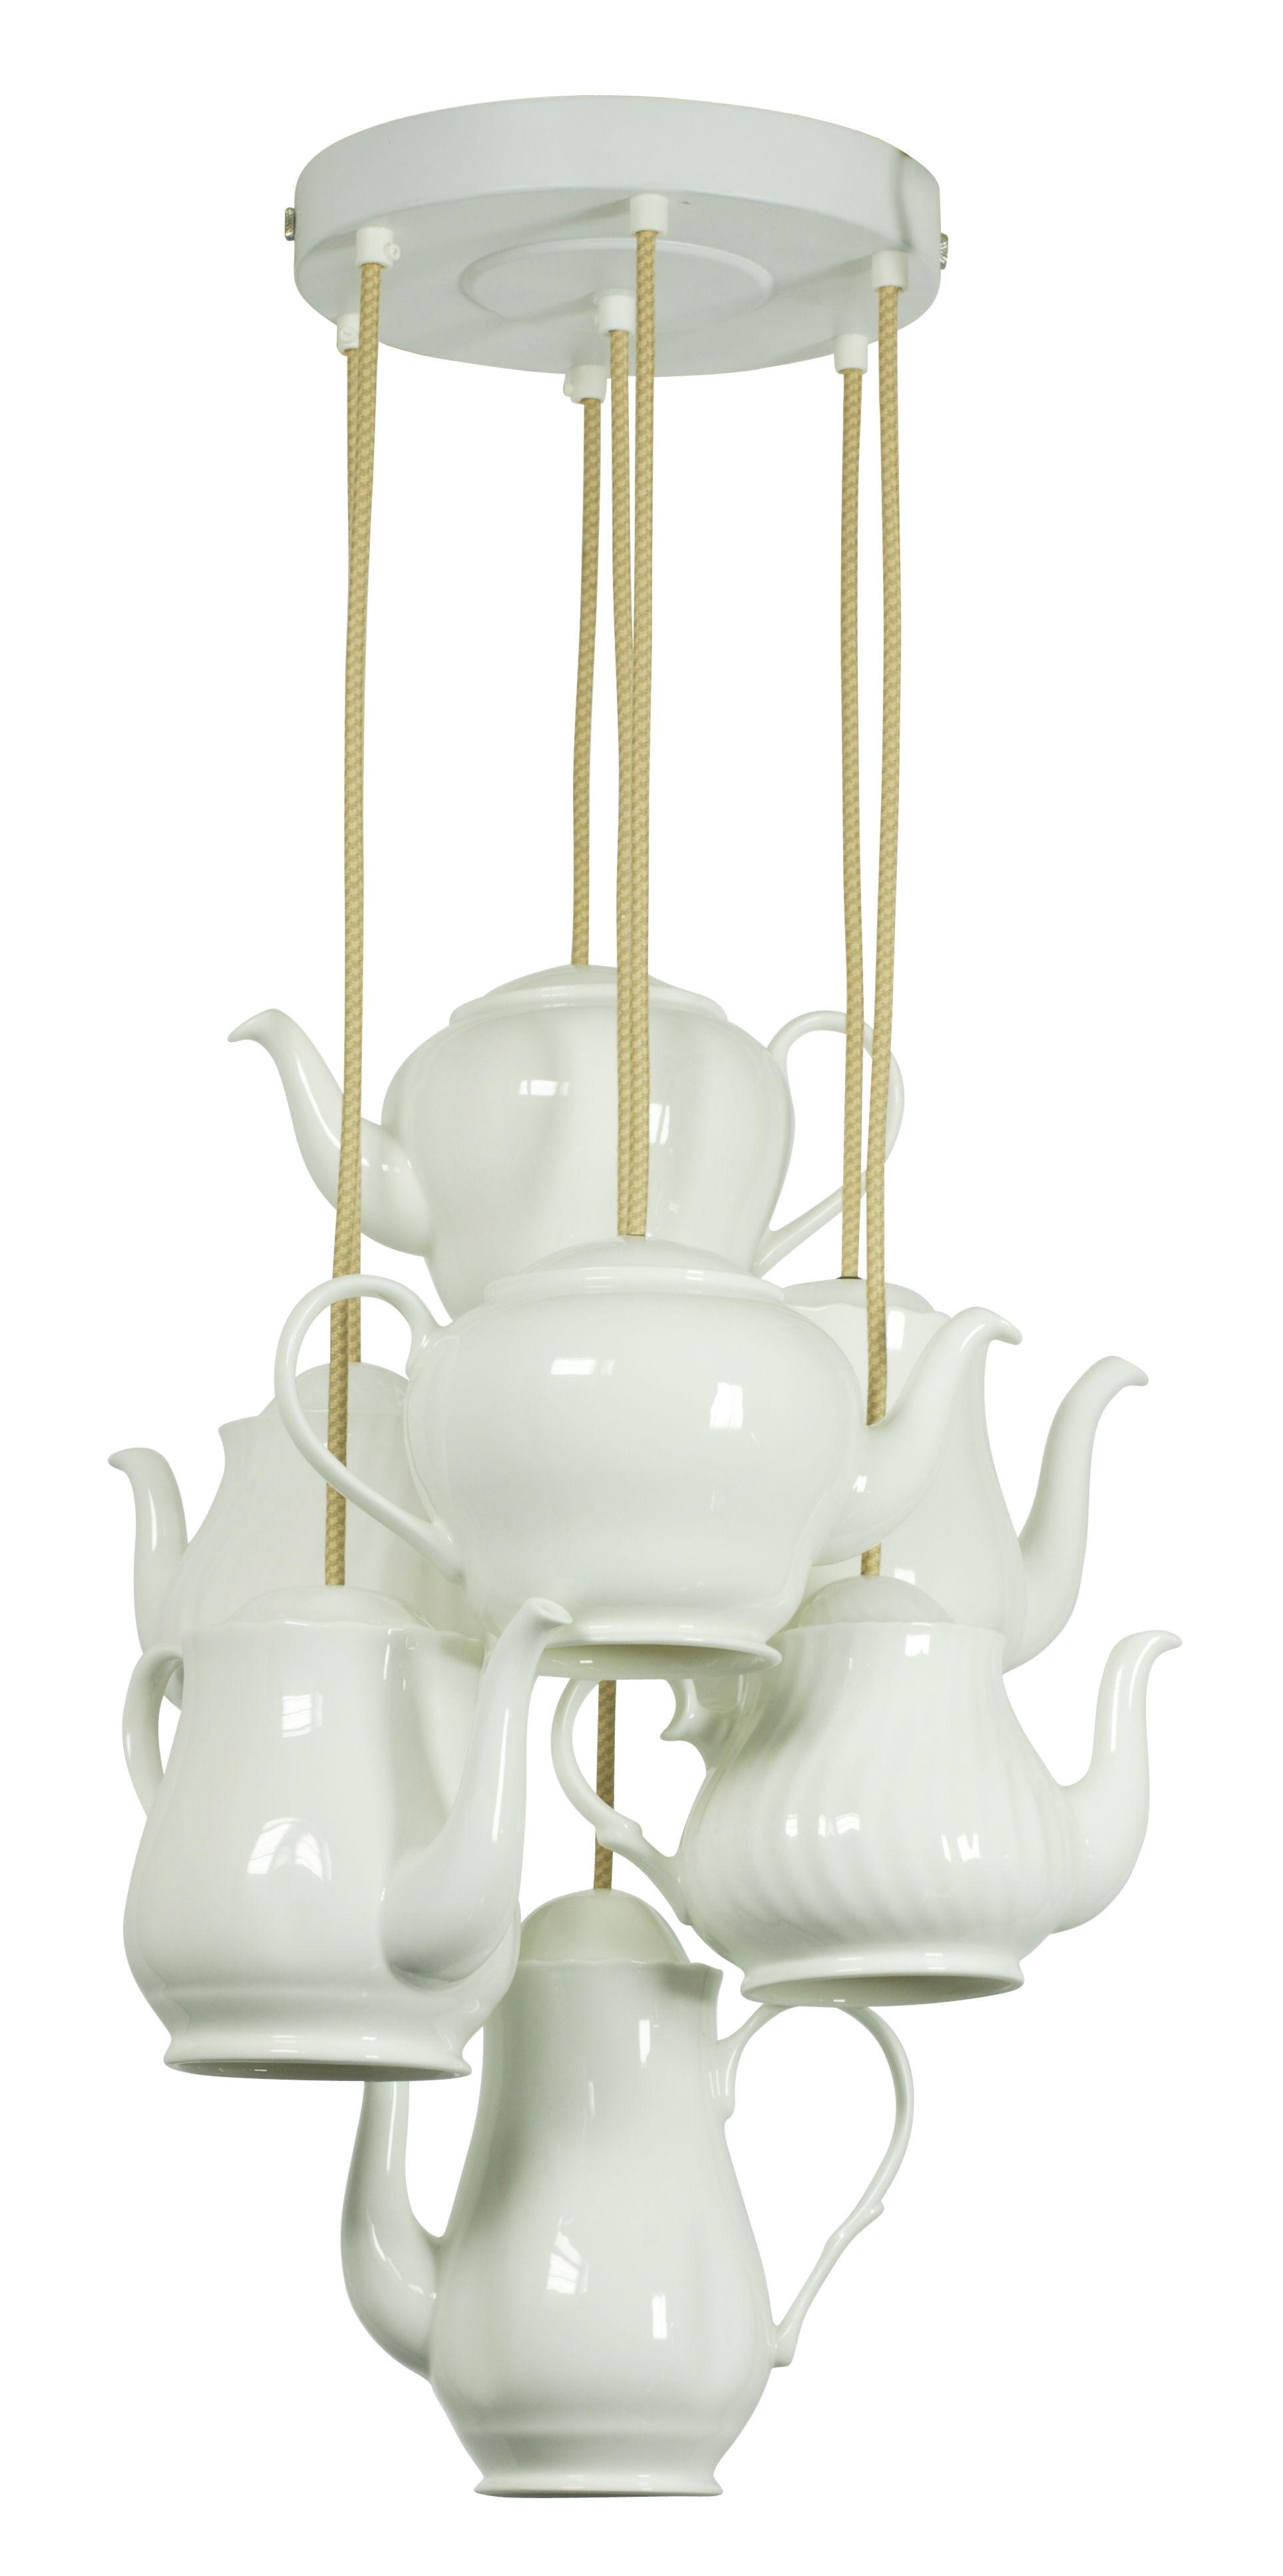 suspension teapot 7 thei res en porcelaine blanc original btc. Black Bedroom Furniture Sets. Home Design Ideas